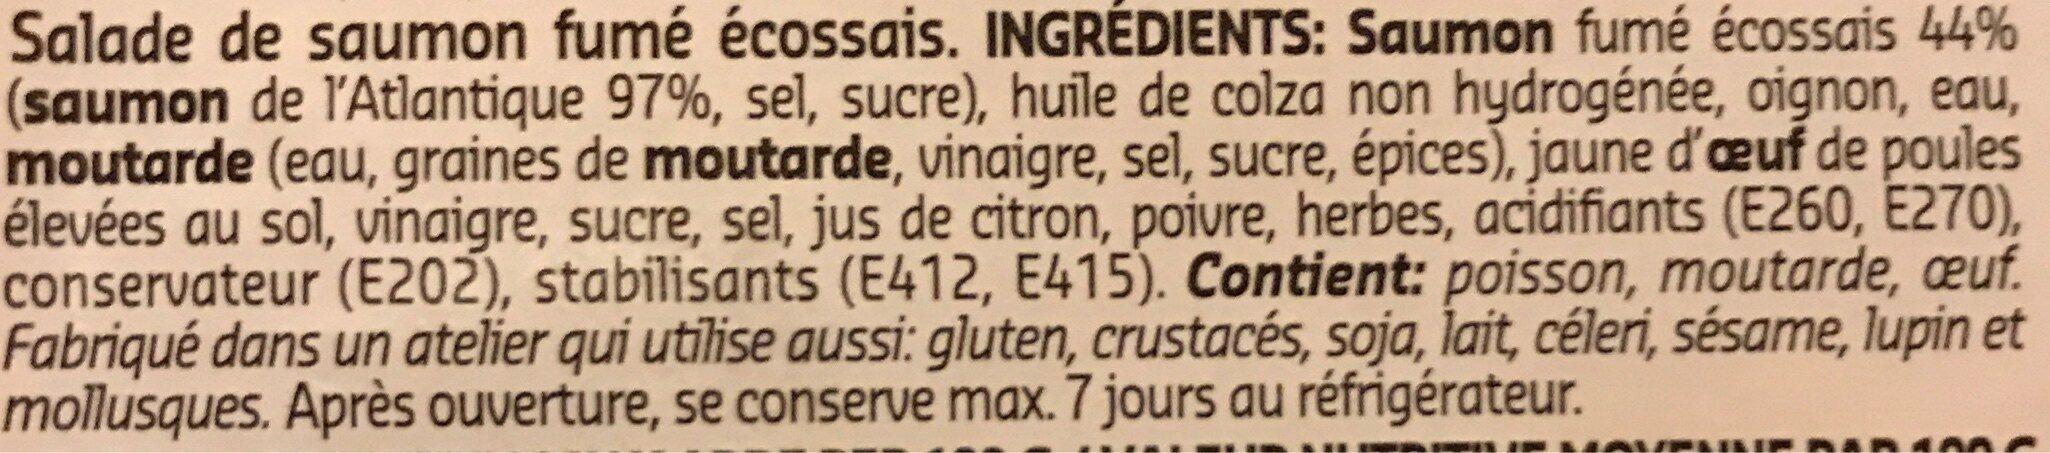 Salade de saumon fumé écossais - Ingrédients